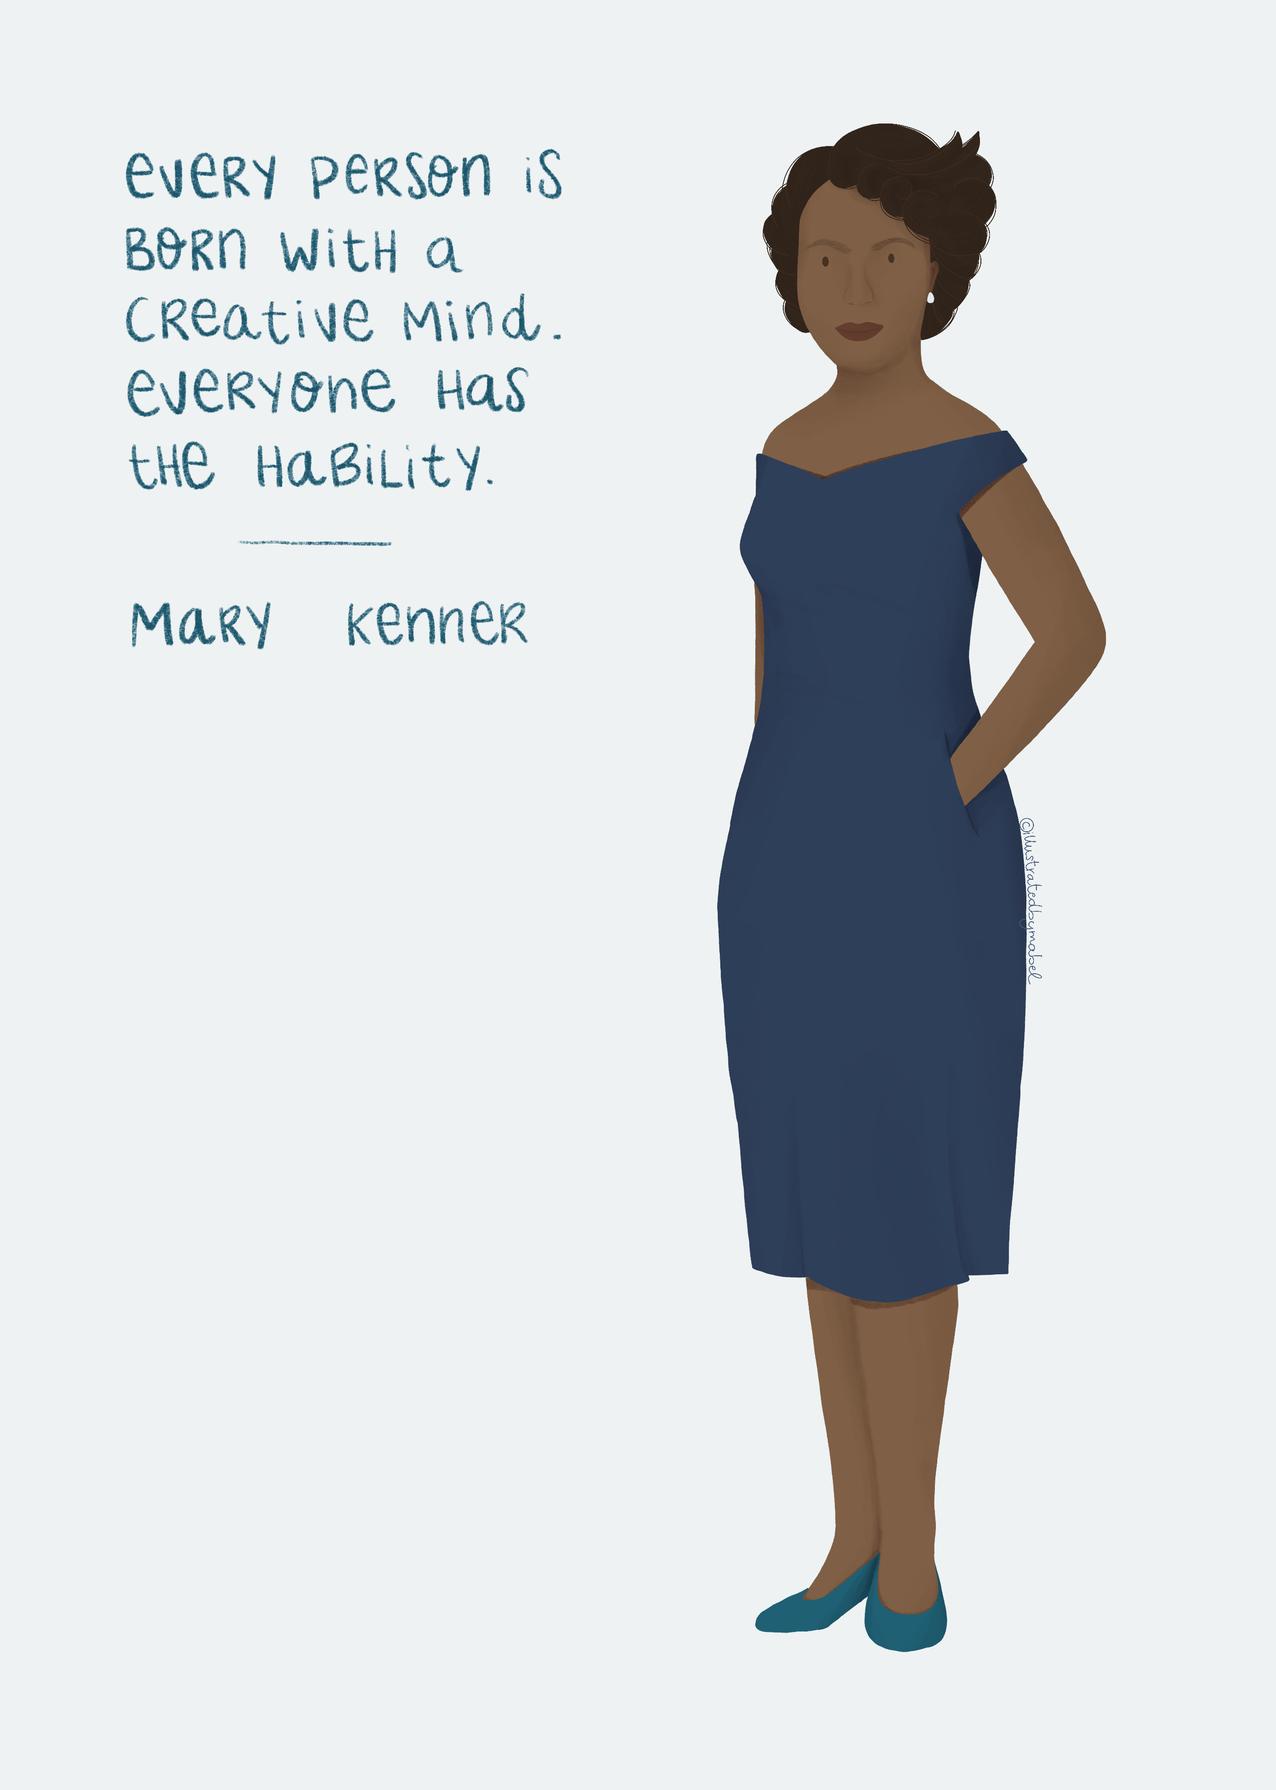 mary kenner illustration